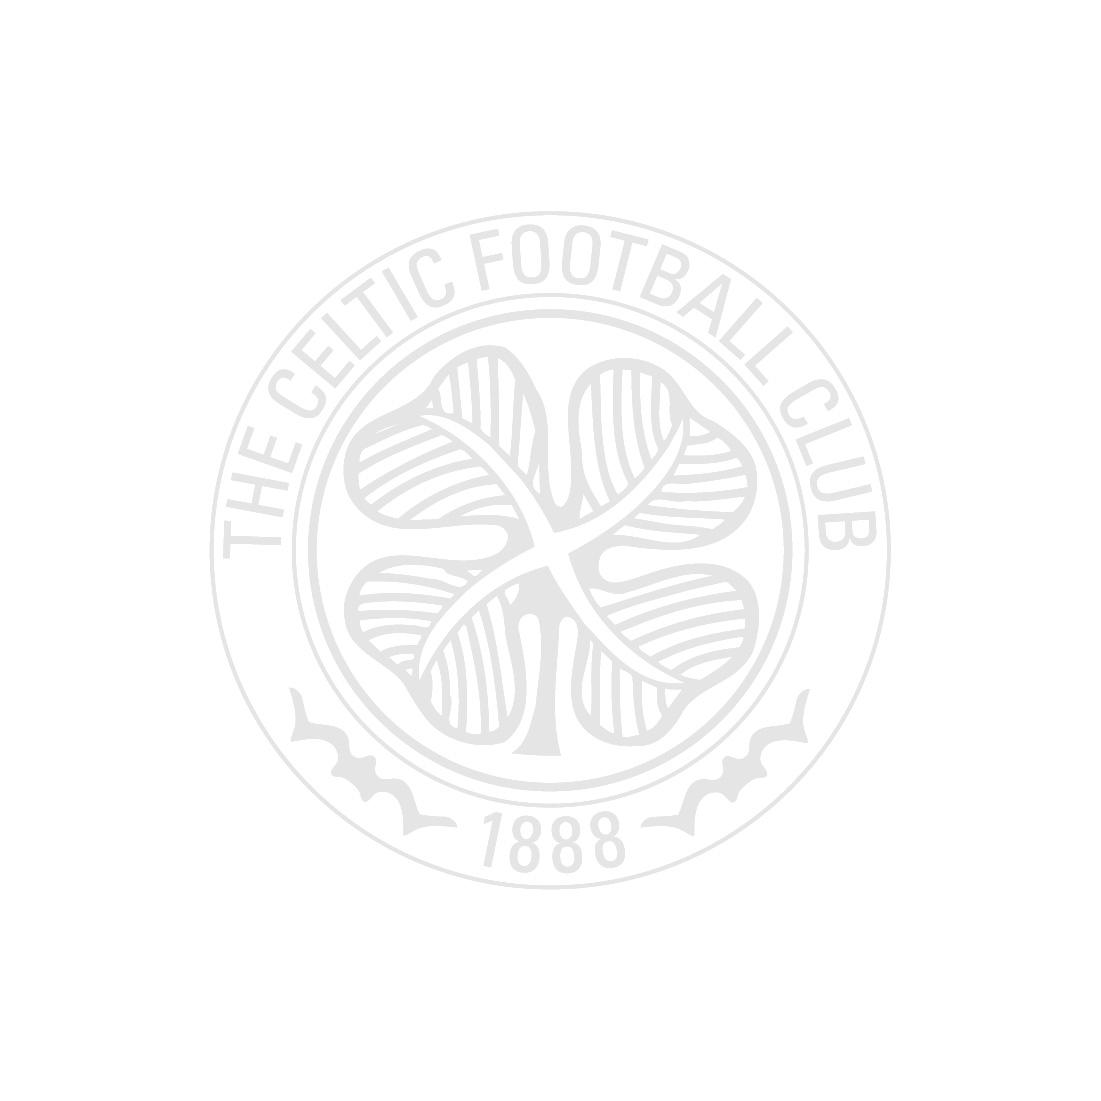 Celtic Passport Holder - Celtic On Tour